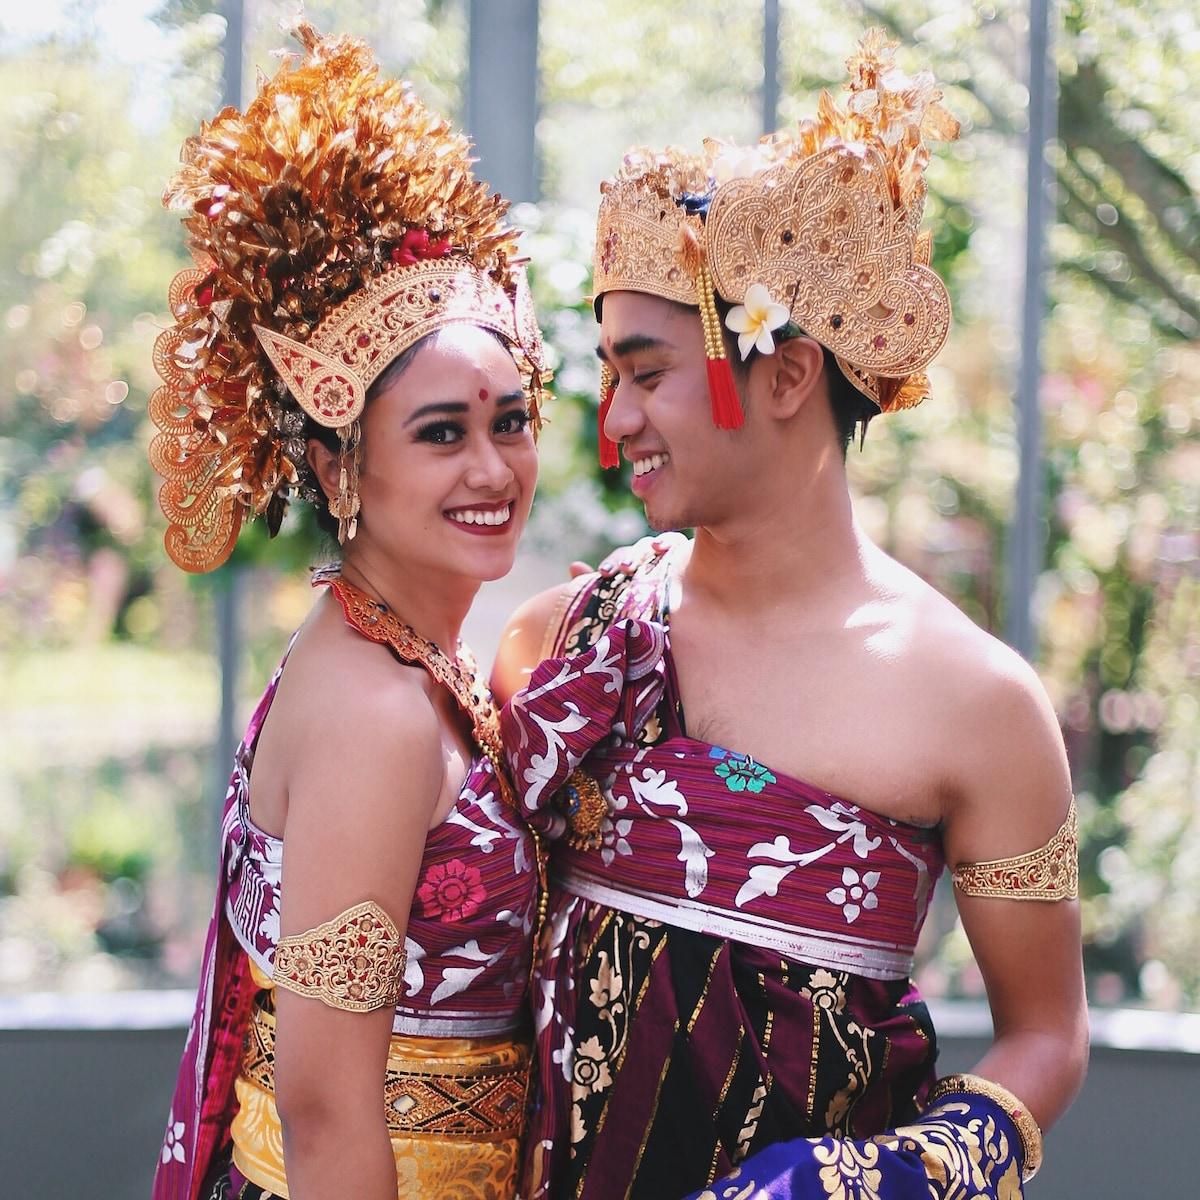 Matakami From Yogyakarta, Indonesia